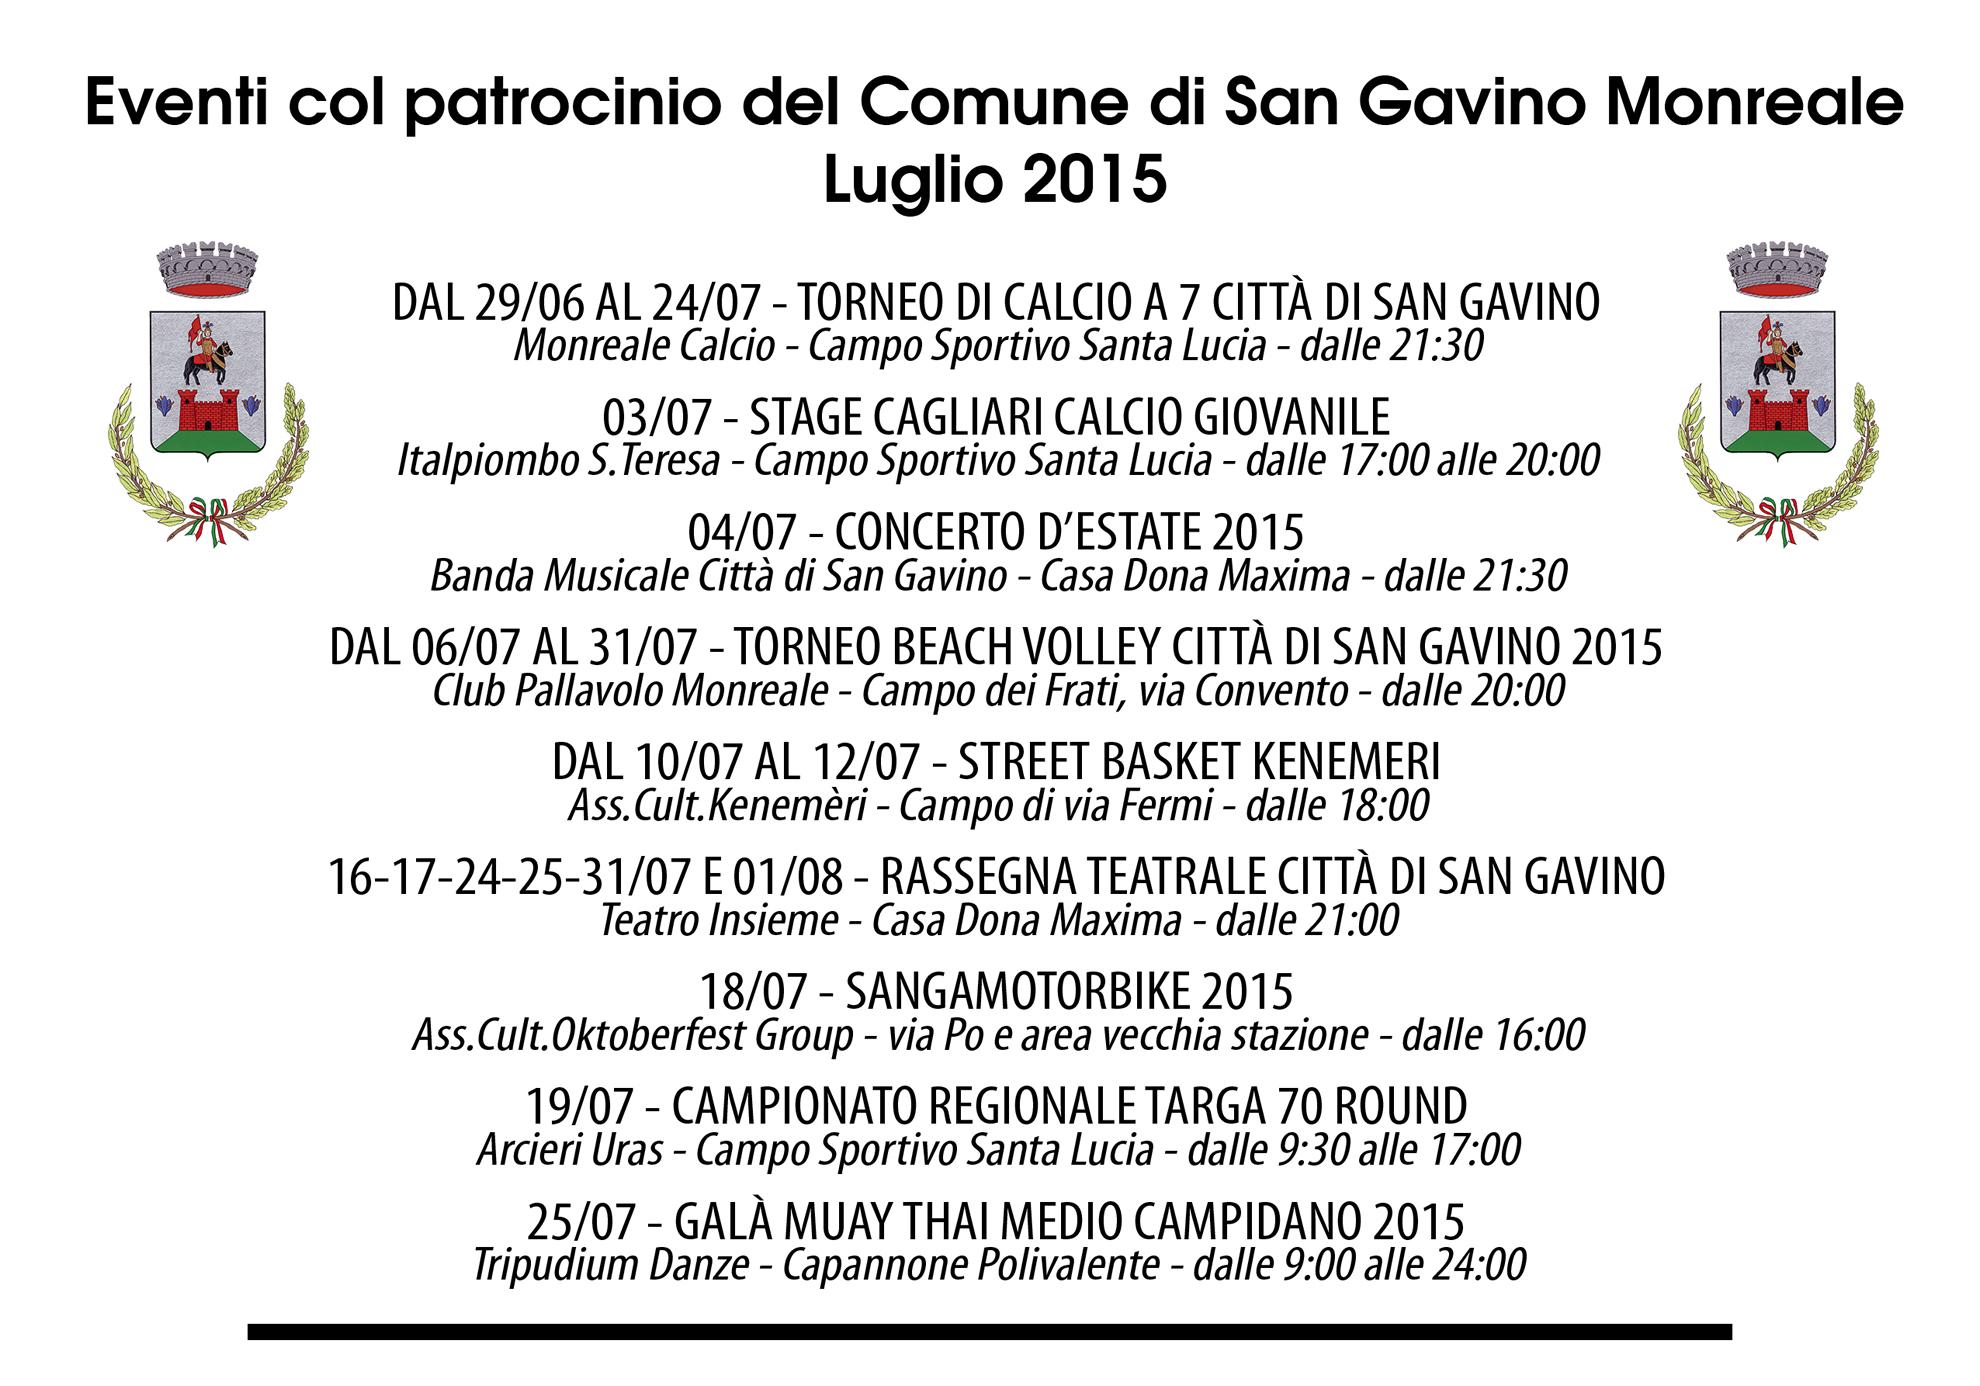 Eventi patrocinati dal Comune - Luglio 2015